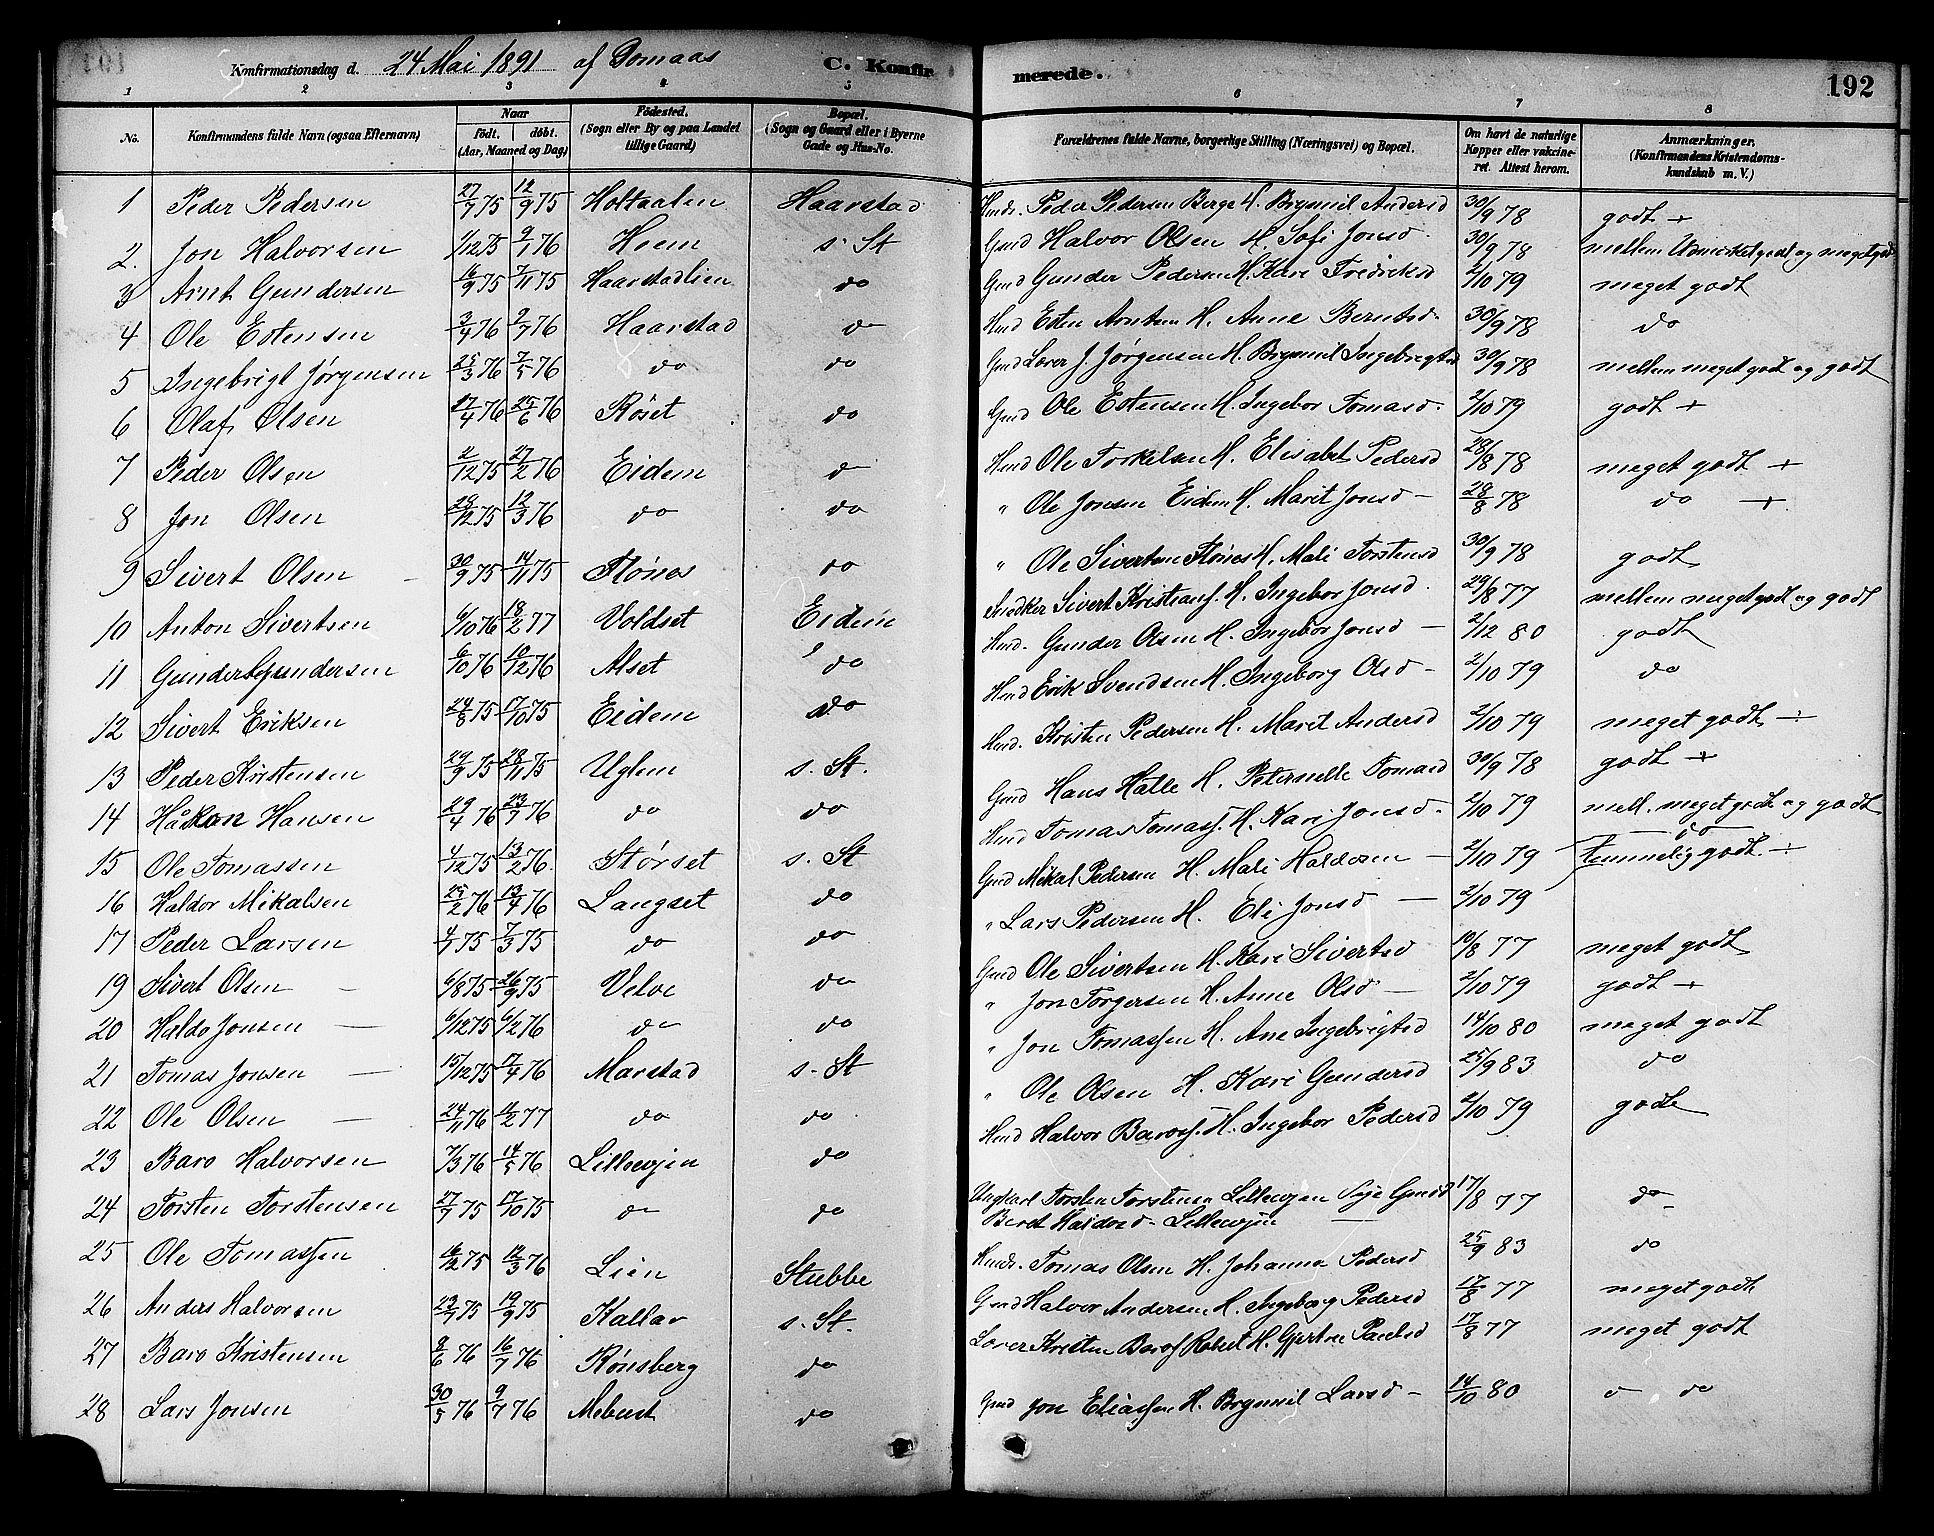 SAT, Ministerialprotokoller, klokkerbøker og fødselsregistre - Sør-Trøndelag, 695/L1157: Klokkerbok nr. 695C08, 1889-1913, s. 192